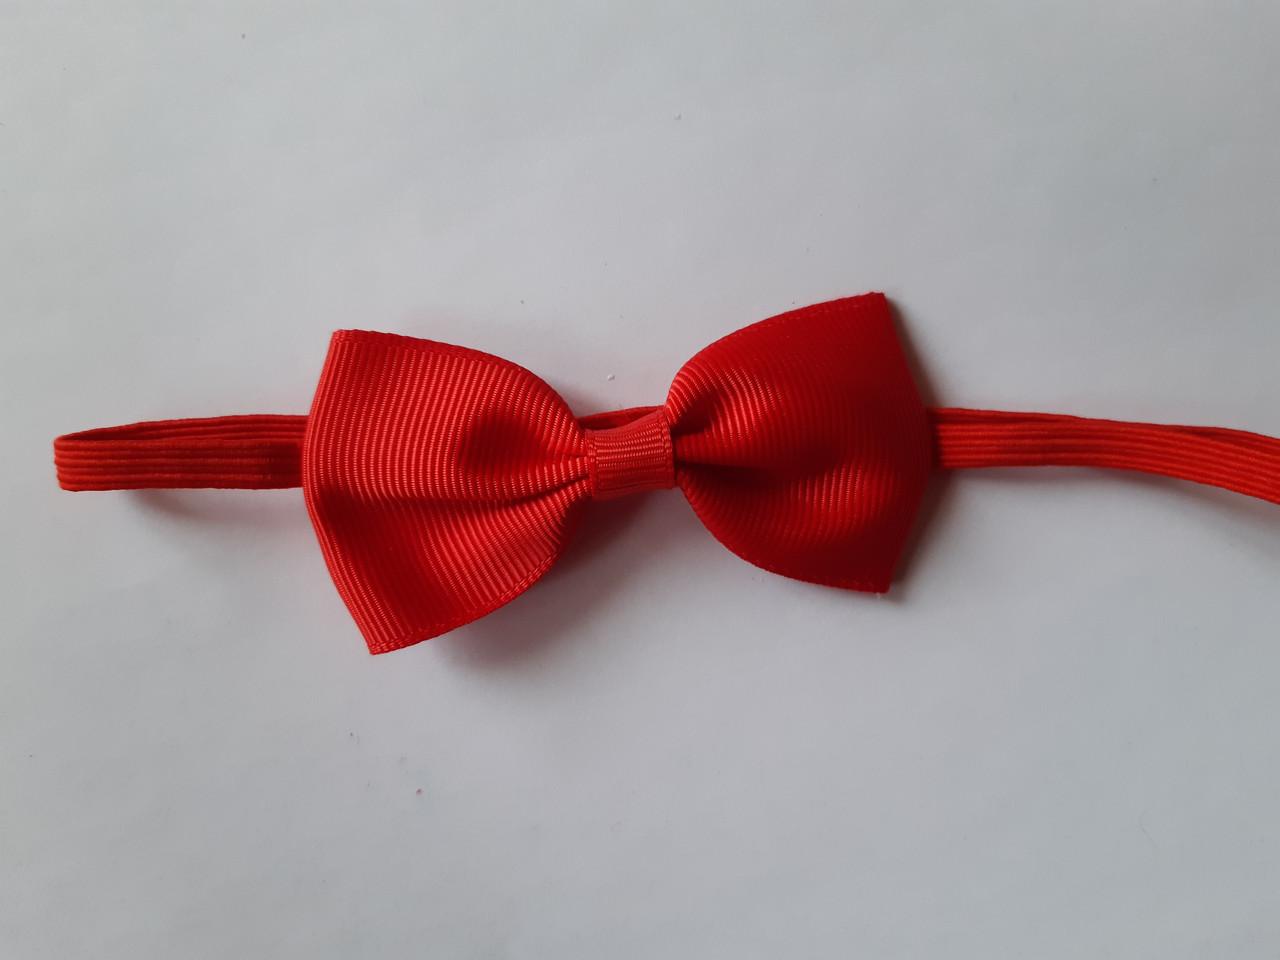 Детская повязочка на голову красная - размер универсальный (на резинке), бантик 7см